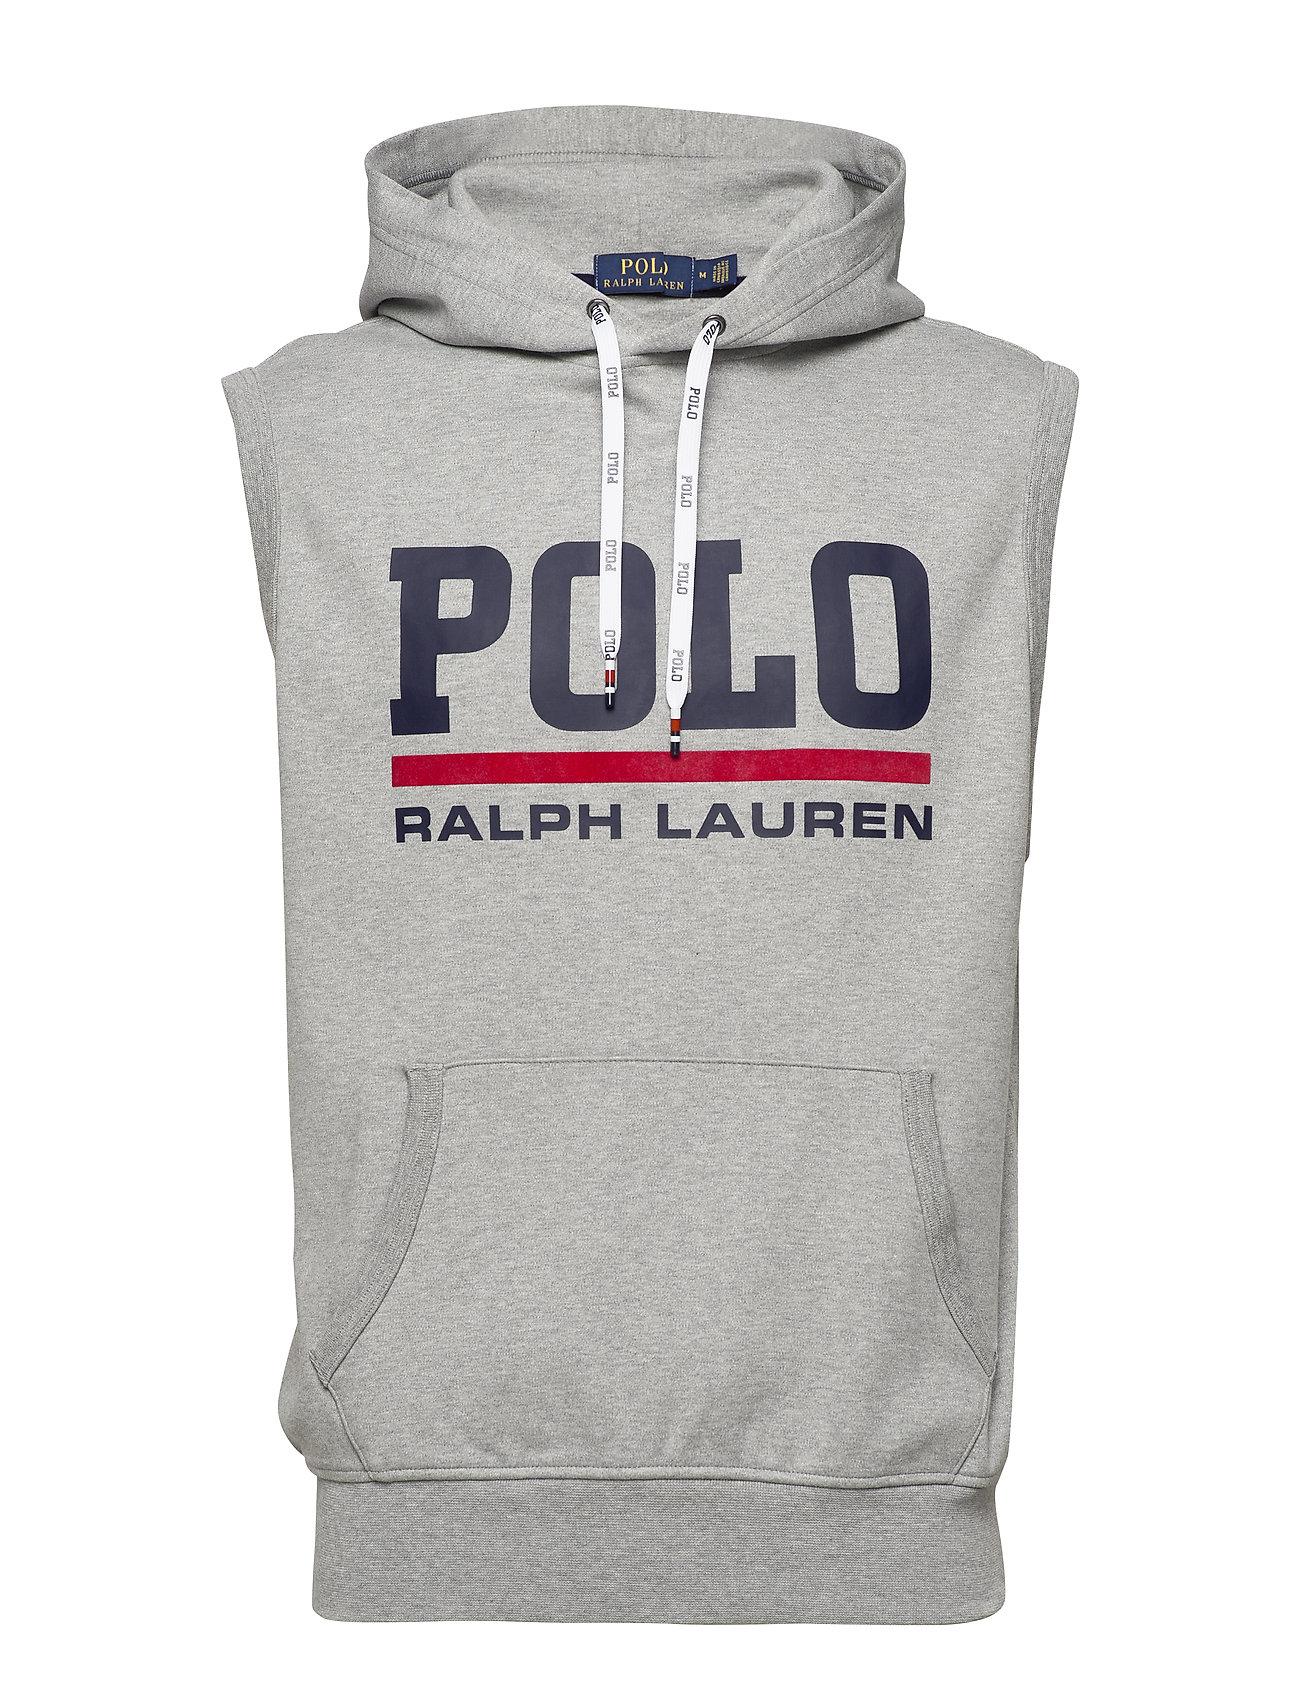 Polo Ralph Lauren Interlock Hooded Vest - ANDOVER HEATHER